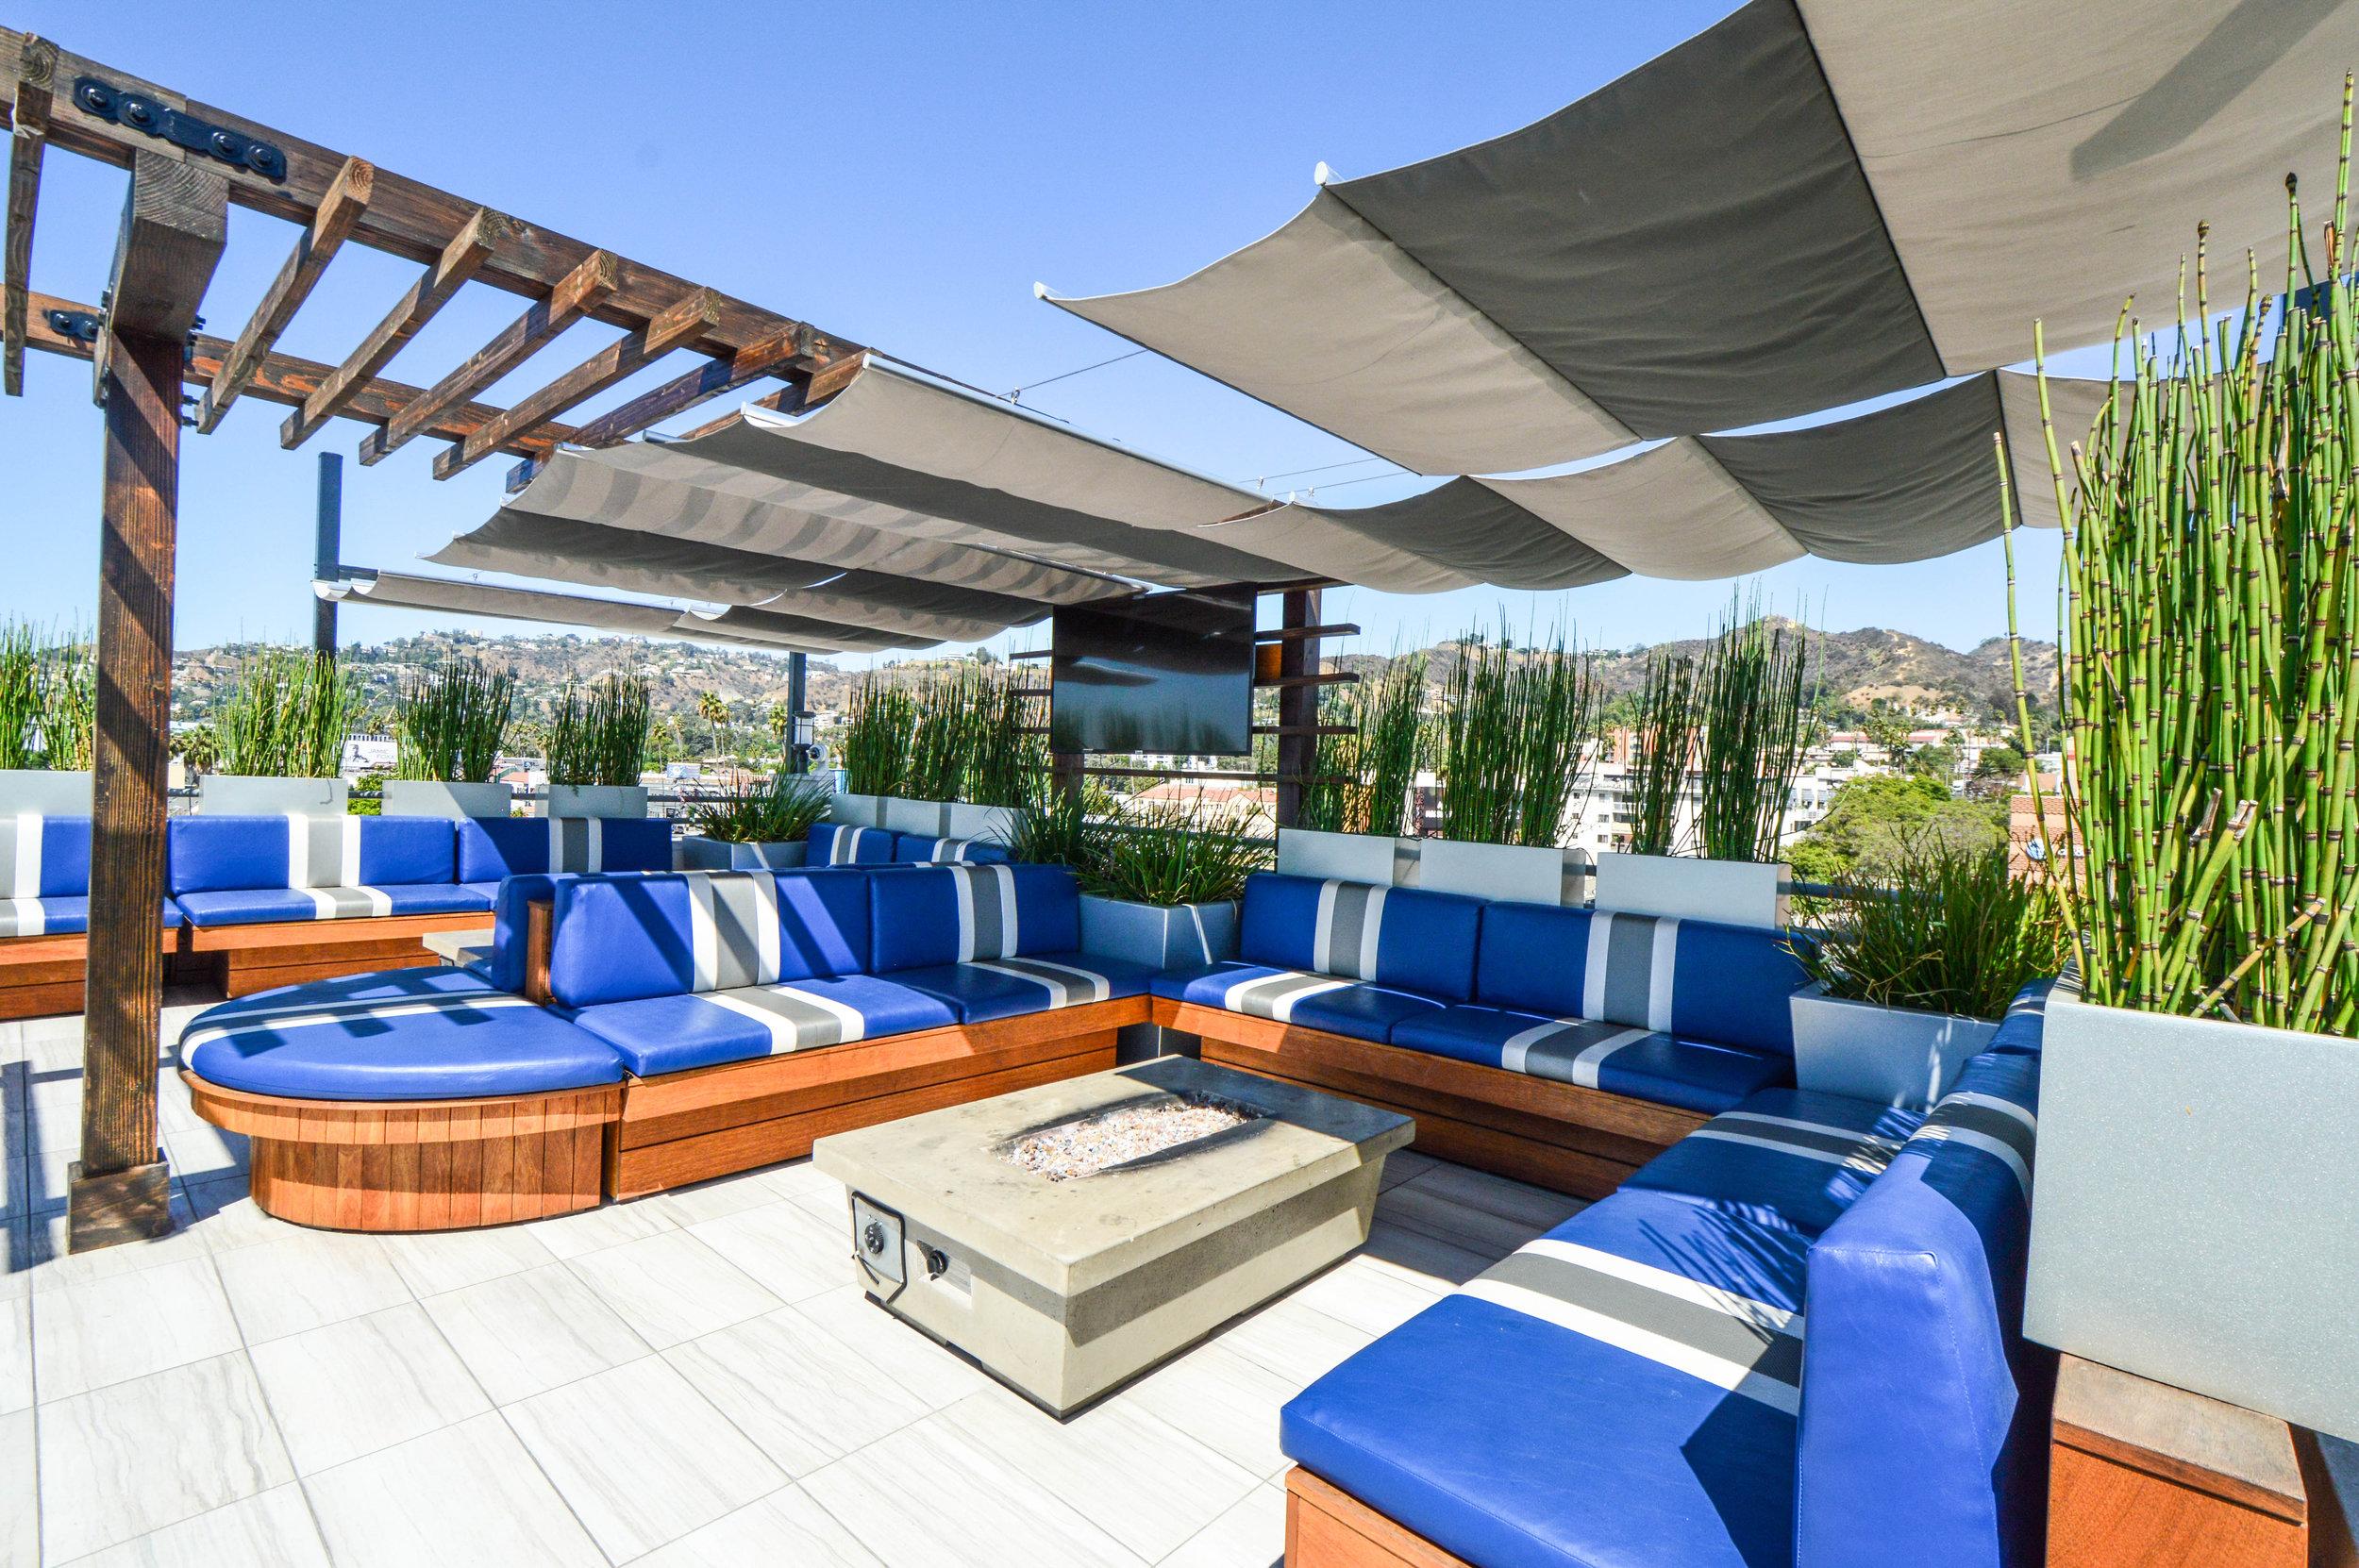 AVANA ON SUNSET - Hollywood, CA